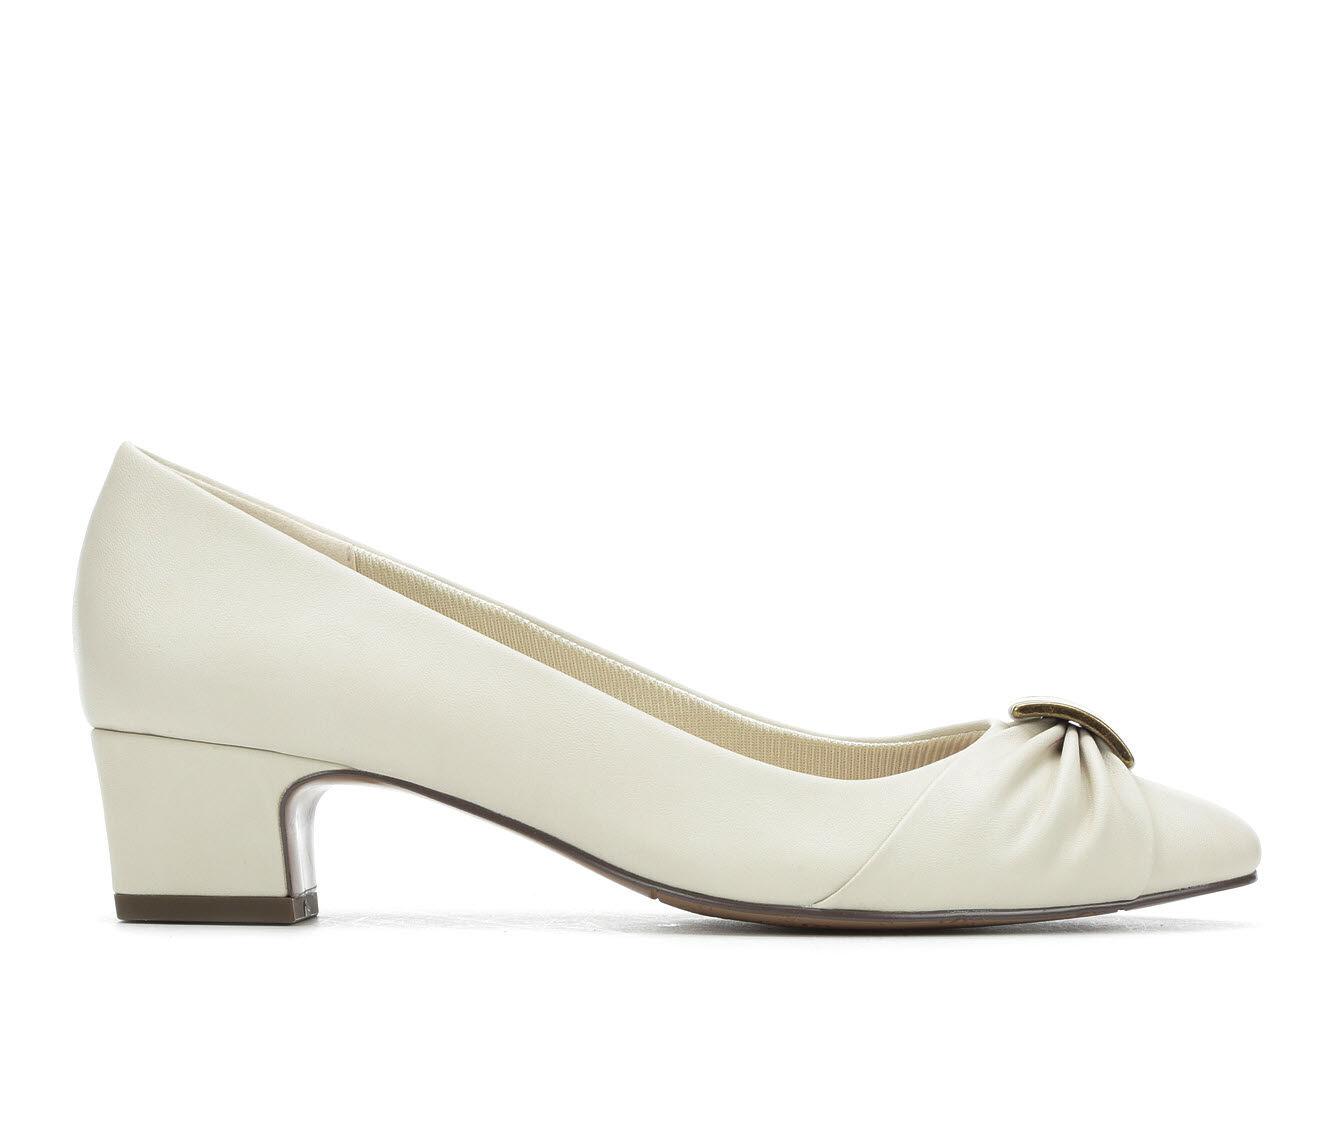 get cheap Women's Easy Street Eloise Shoes Bone